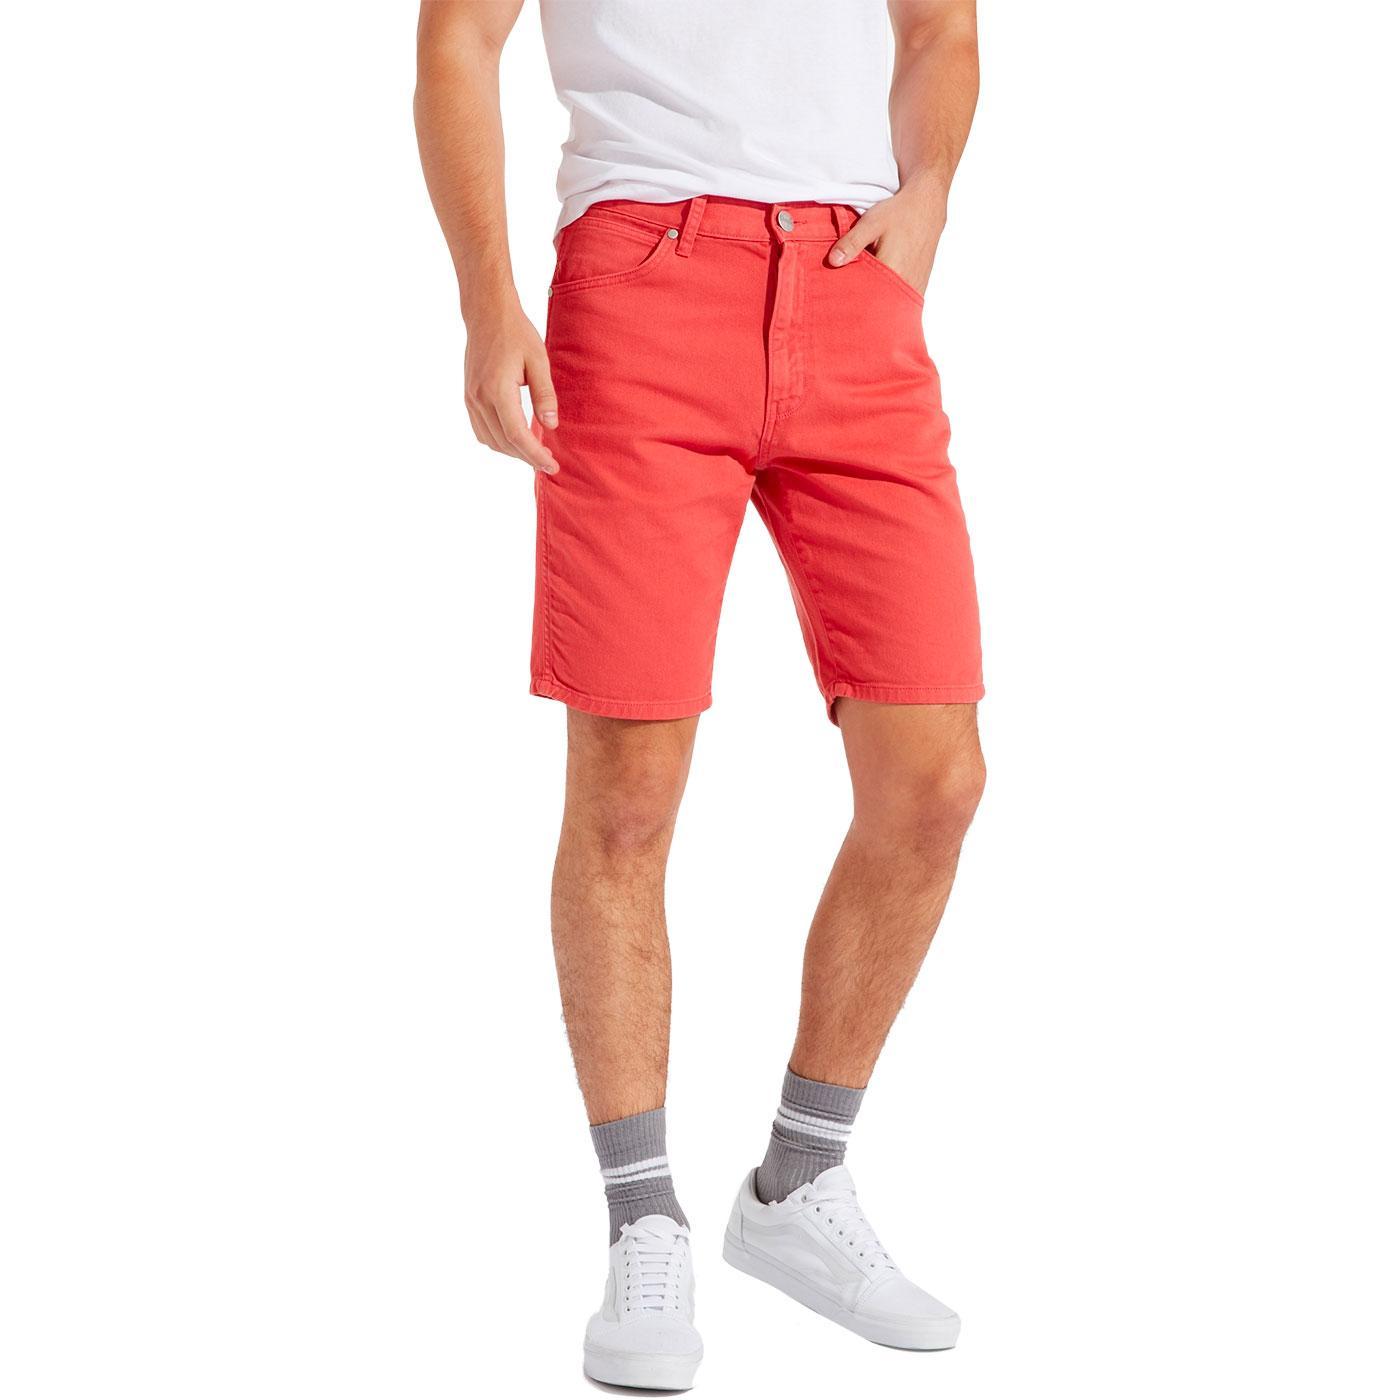 WRANGLER Retro 5 Pocket Chino Shorts (Emberglow)